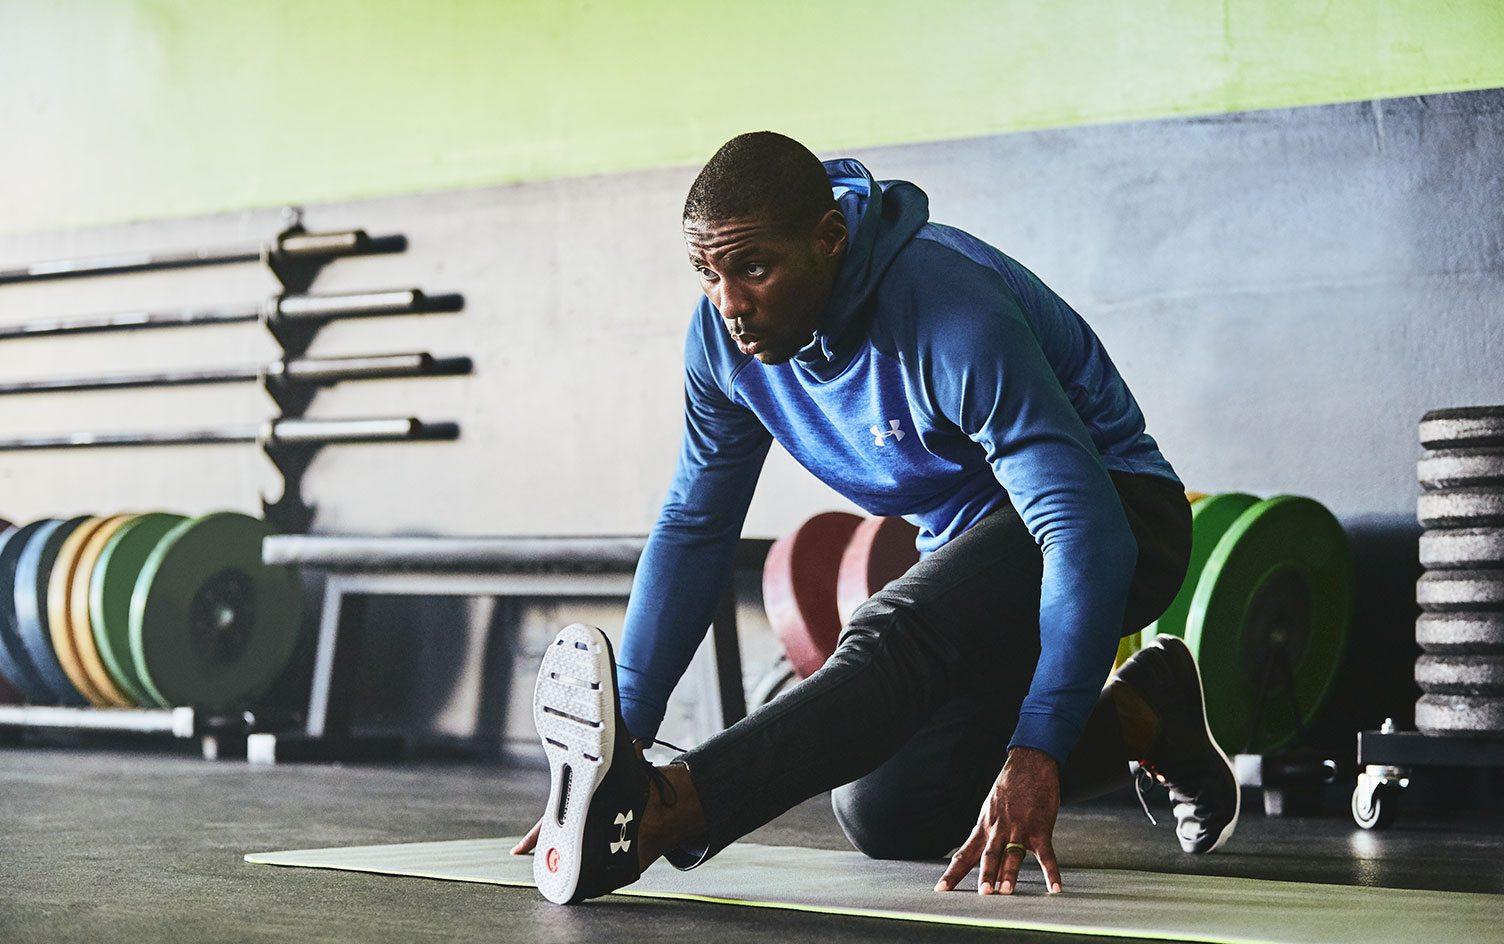 ПОЛЕЗНО: Защо е важно да се разтягаме след тренировка